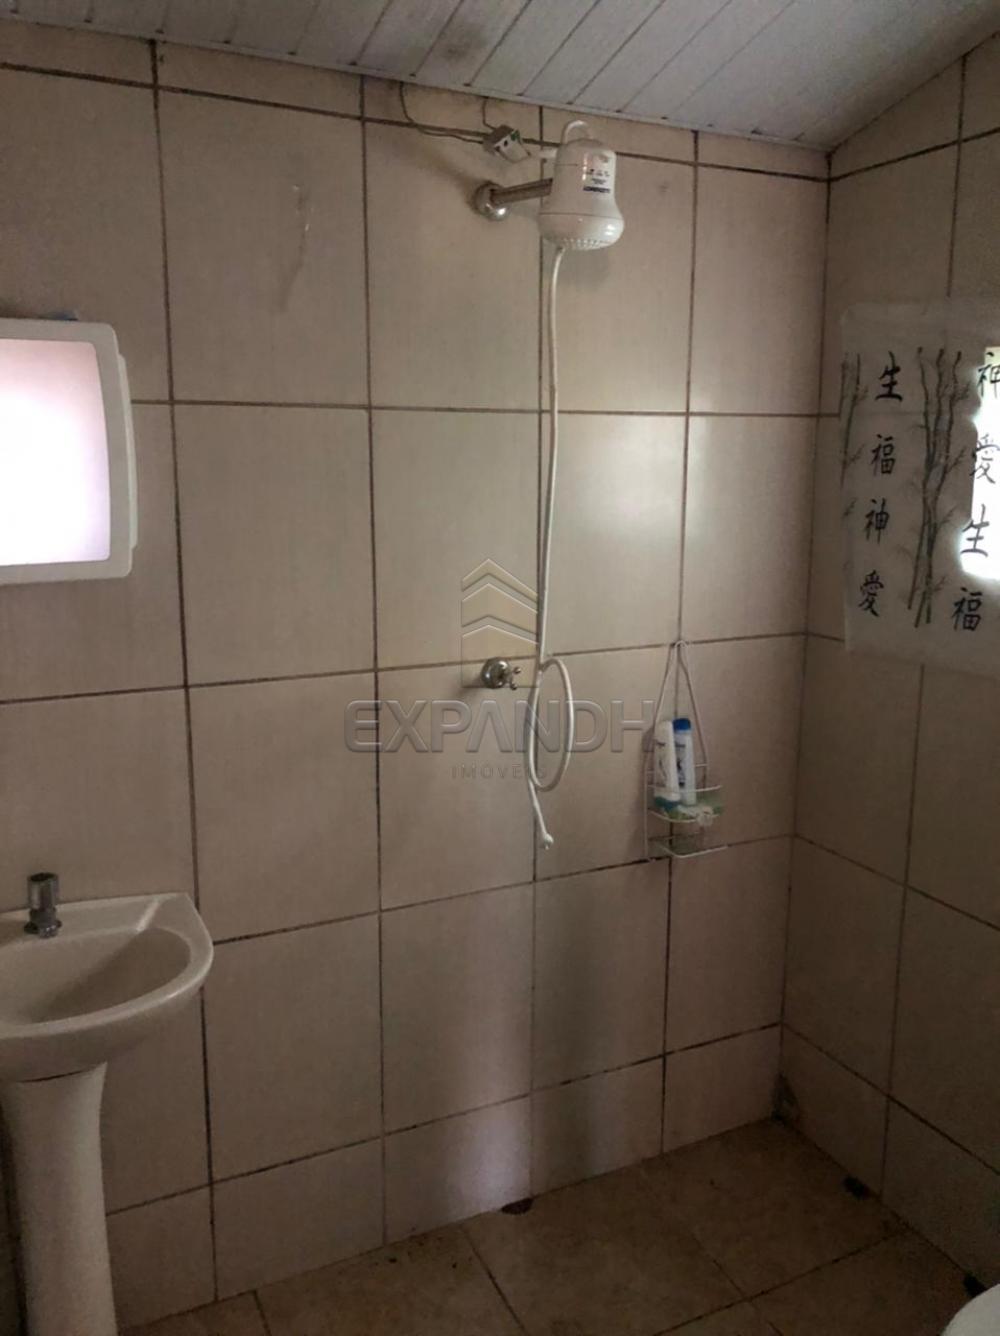 Alugar Casas / Padrão em Sertãozinho R$ 800,00 - Foto 13